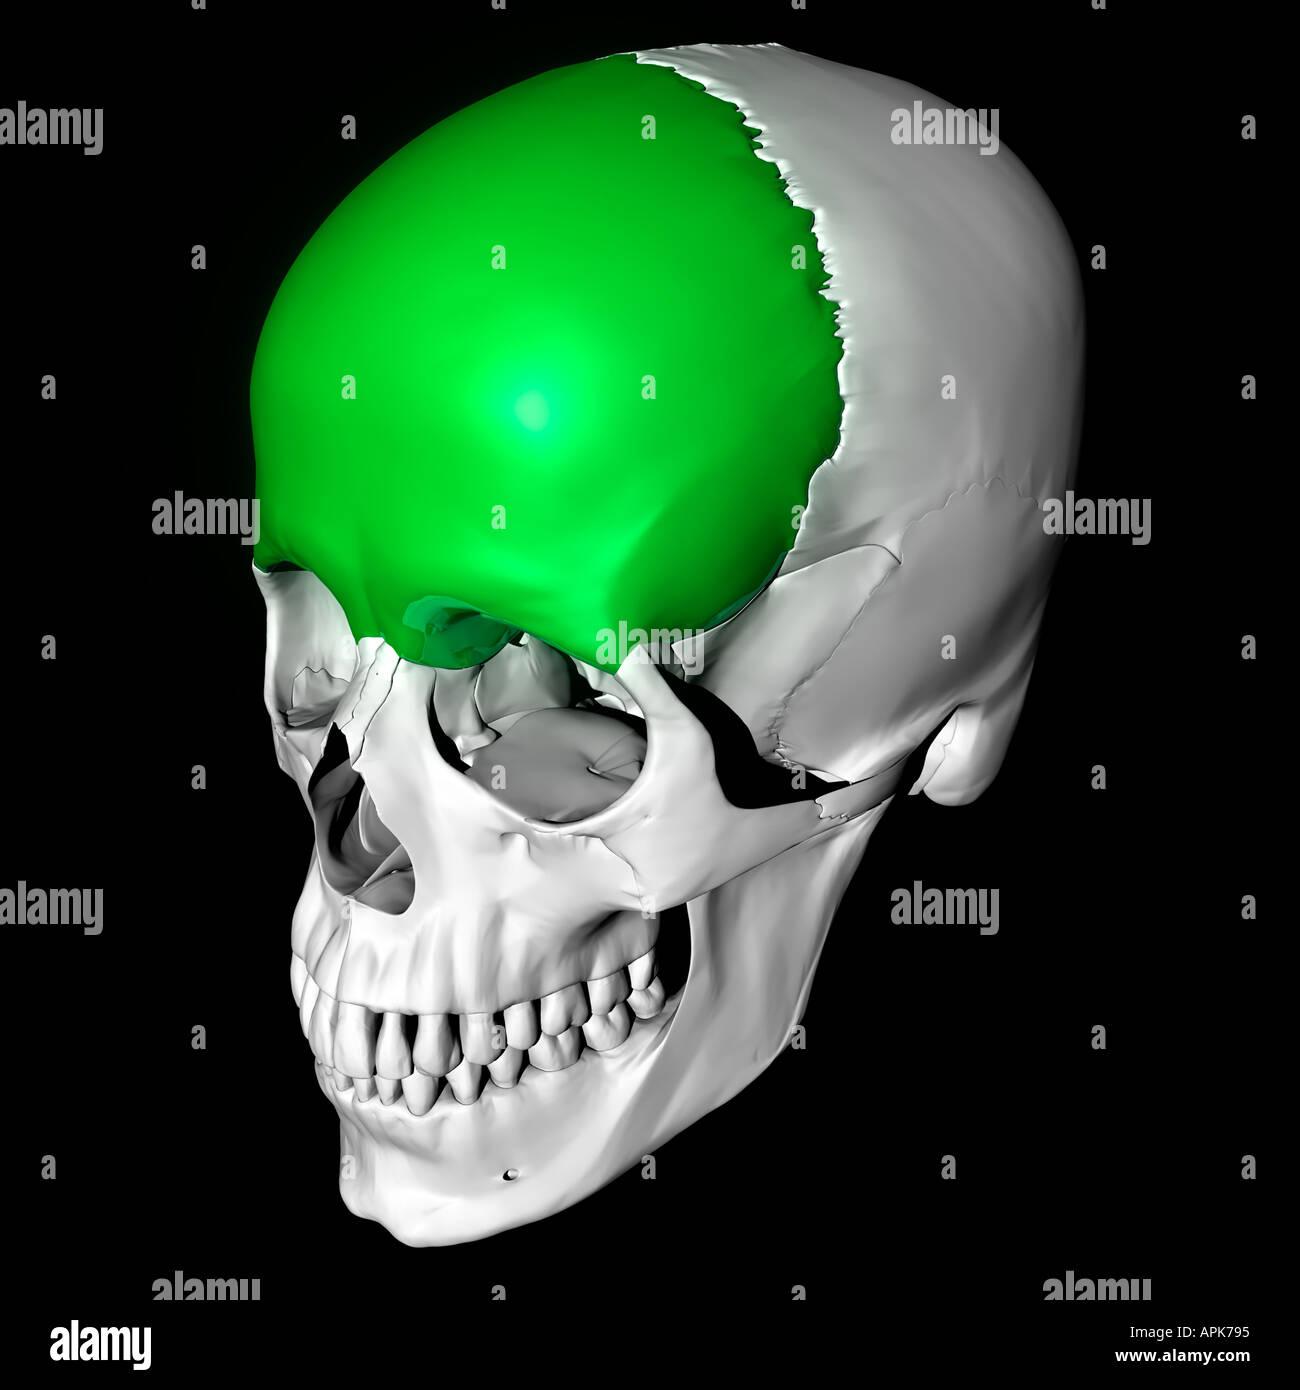 Erfreut Anatomie Schädel Test Fotos - Menschliche Anatomie Bilder ...